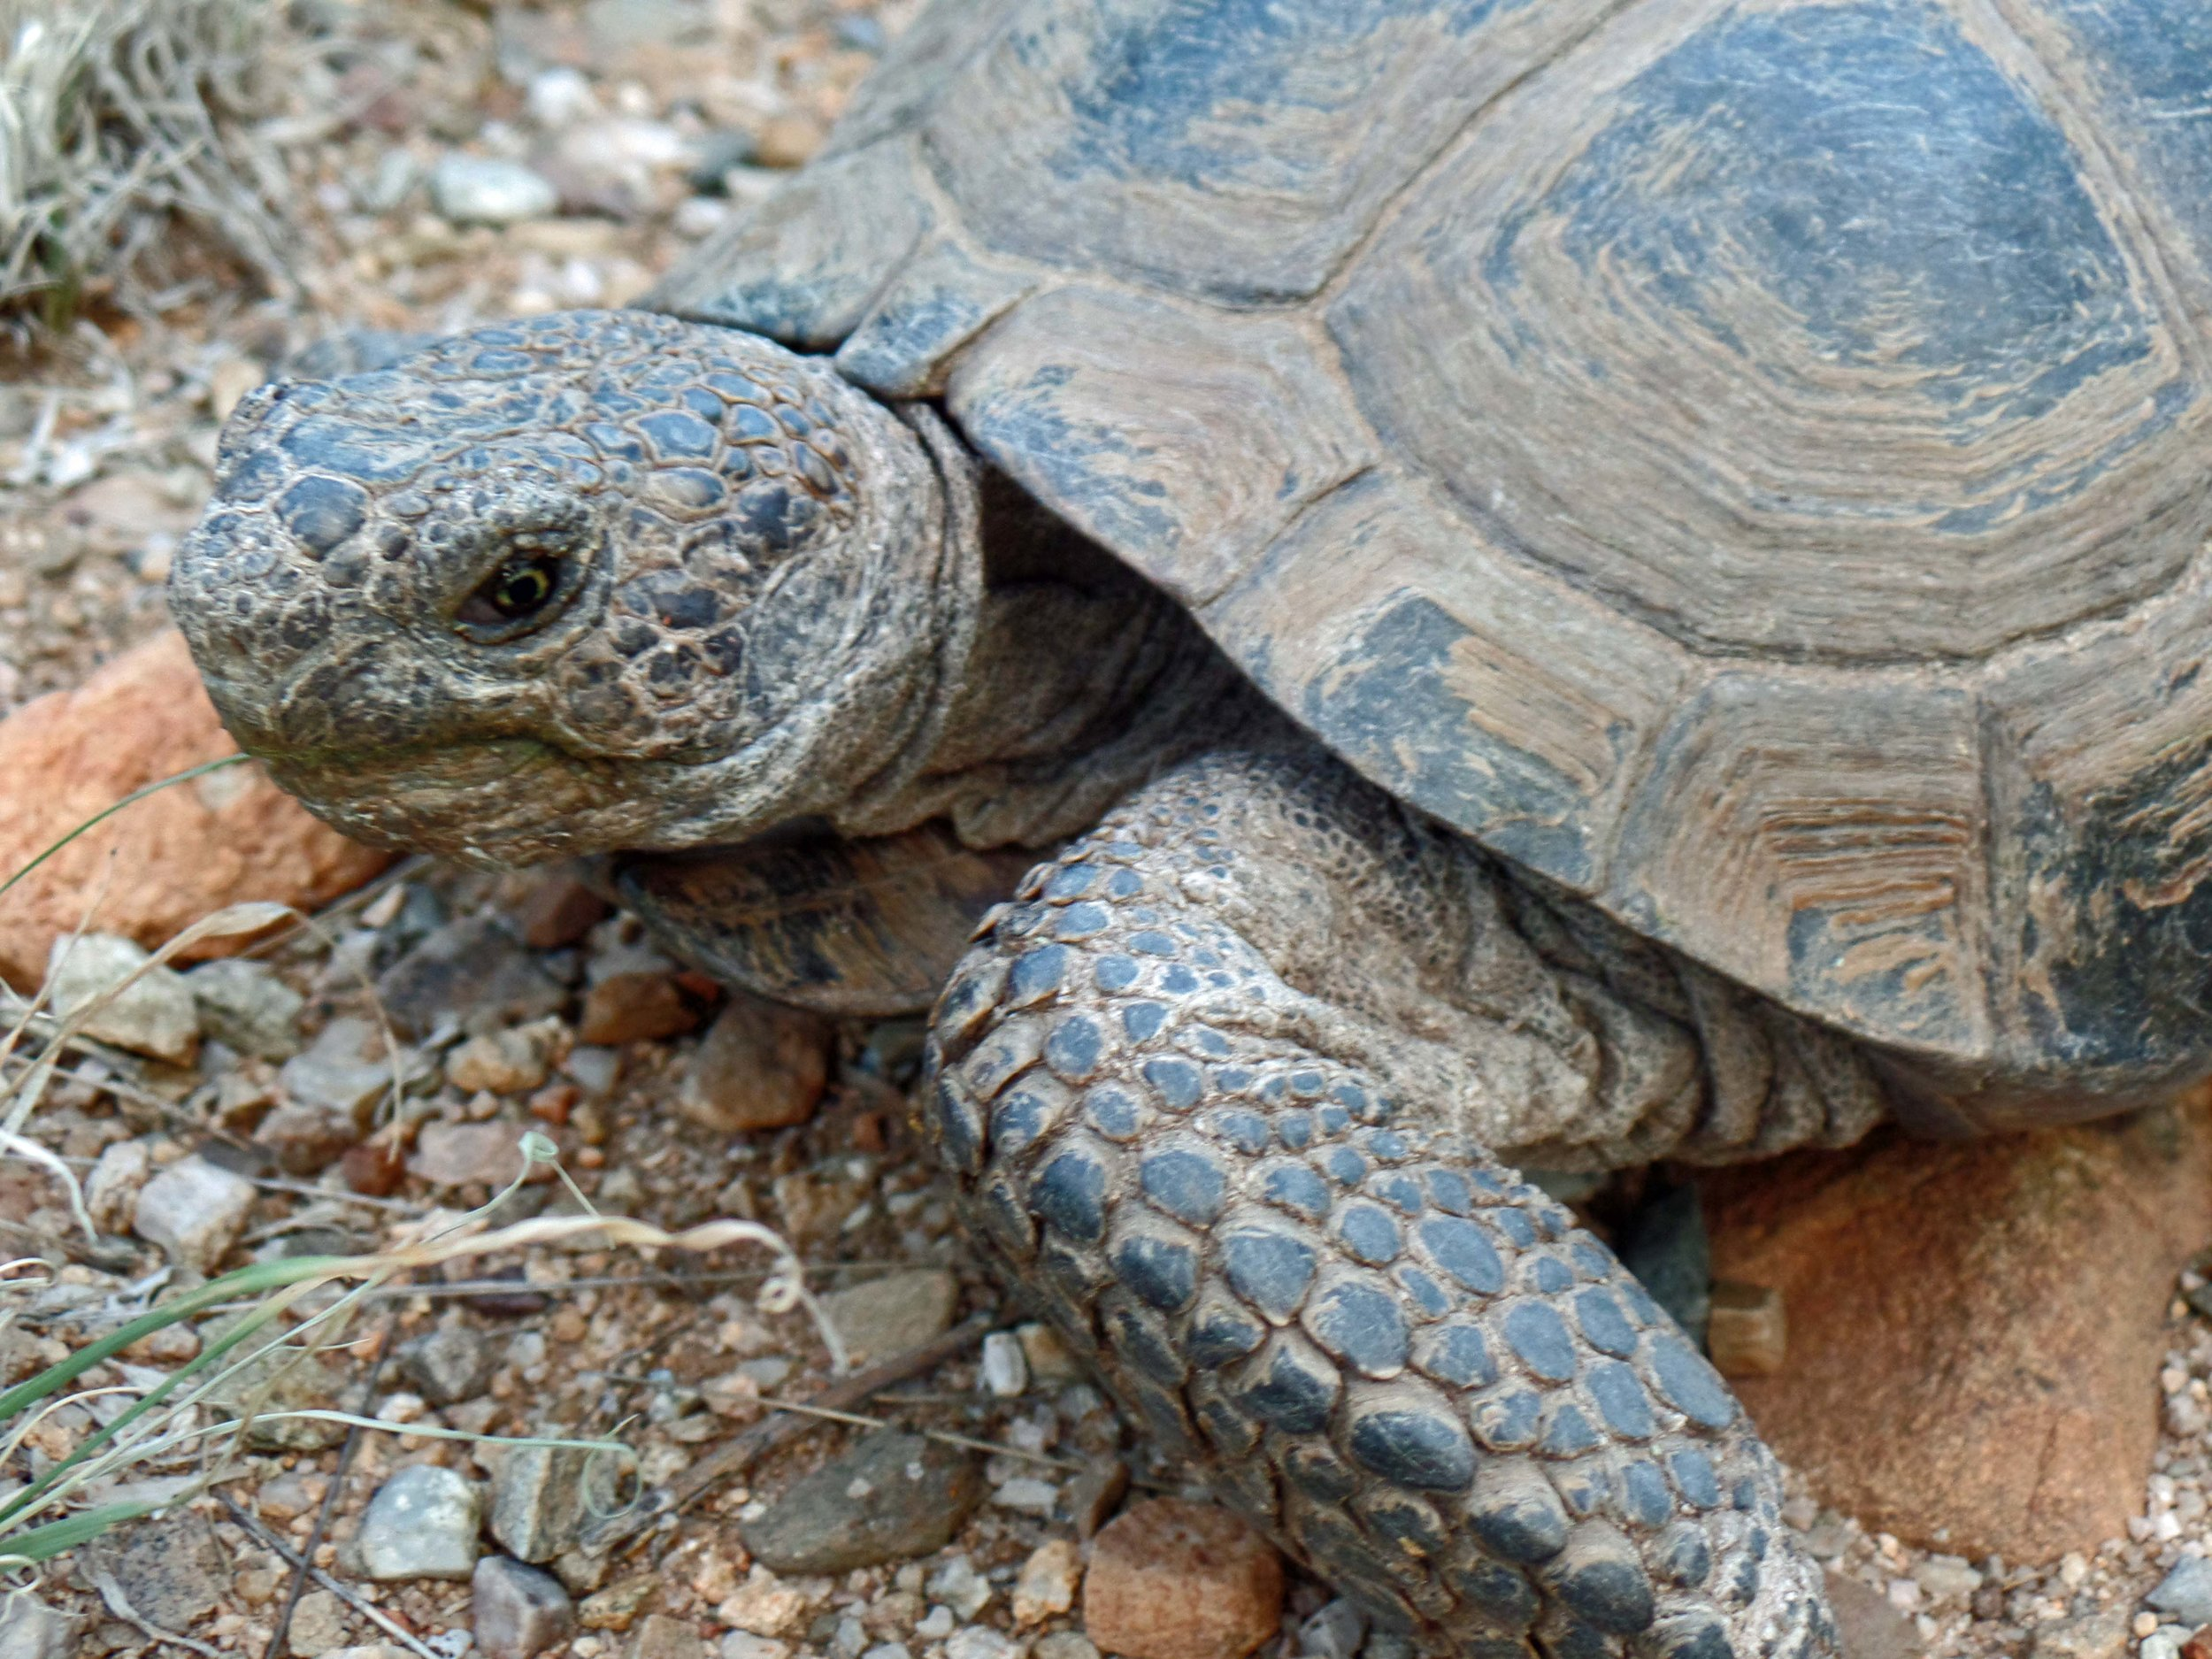 Desert Tortoise - Seen on my run - Catalina, Arizona